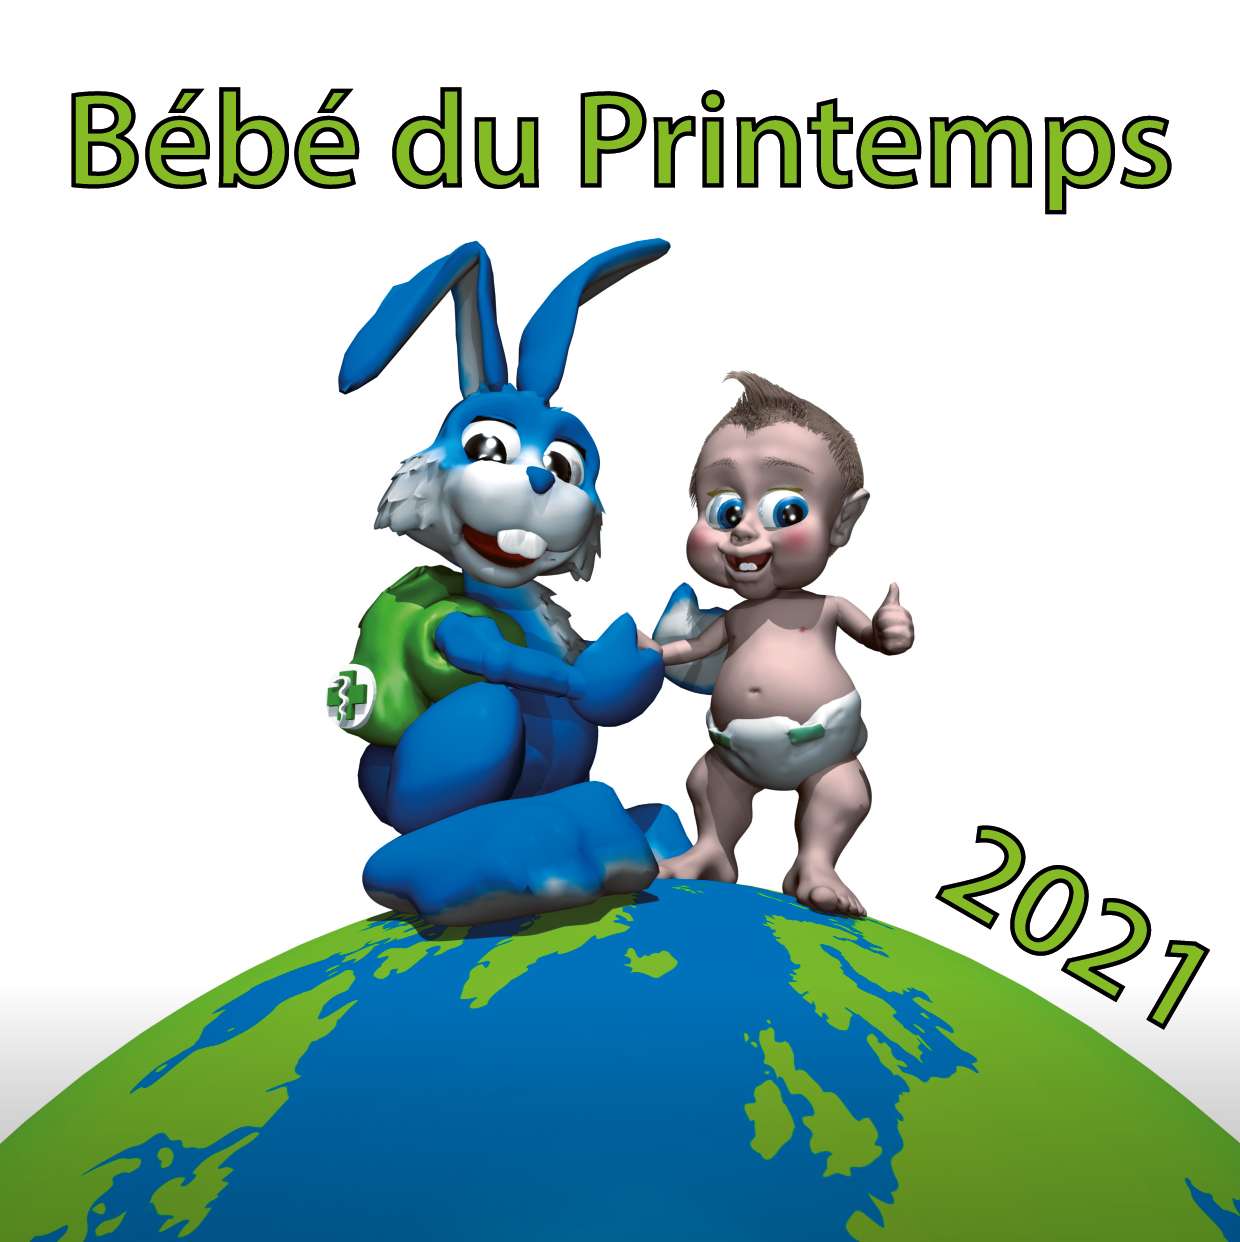 Le concours bébés du printemps est en ligne, participez-y avec votre Smartphone !